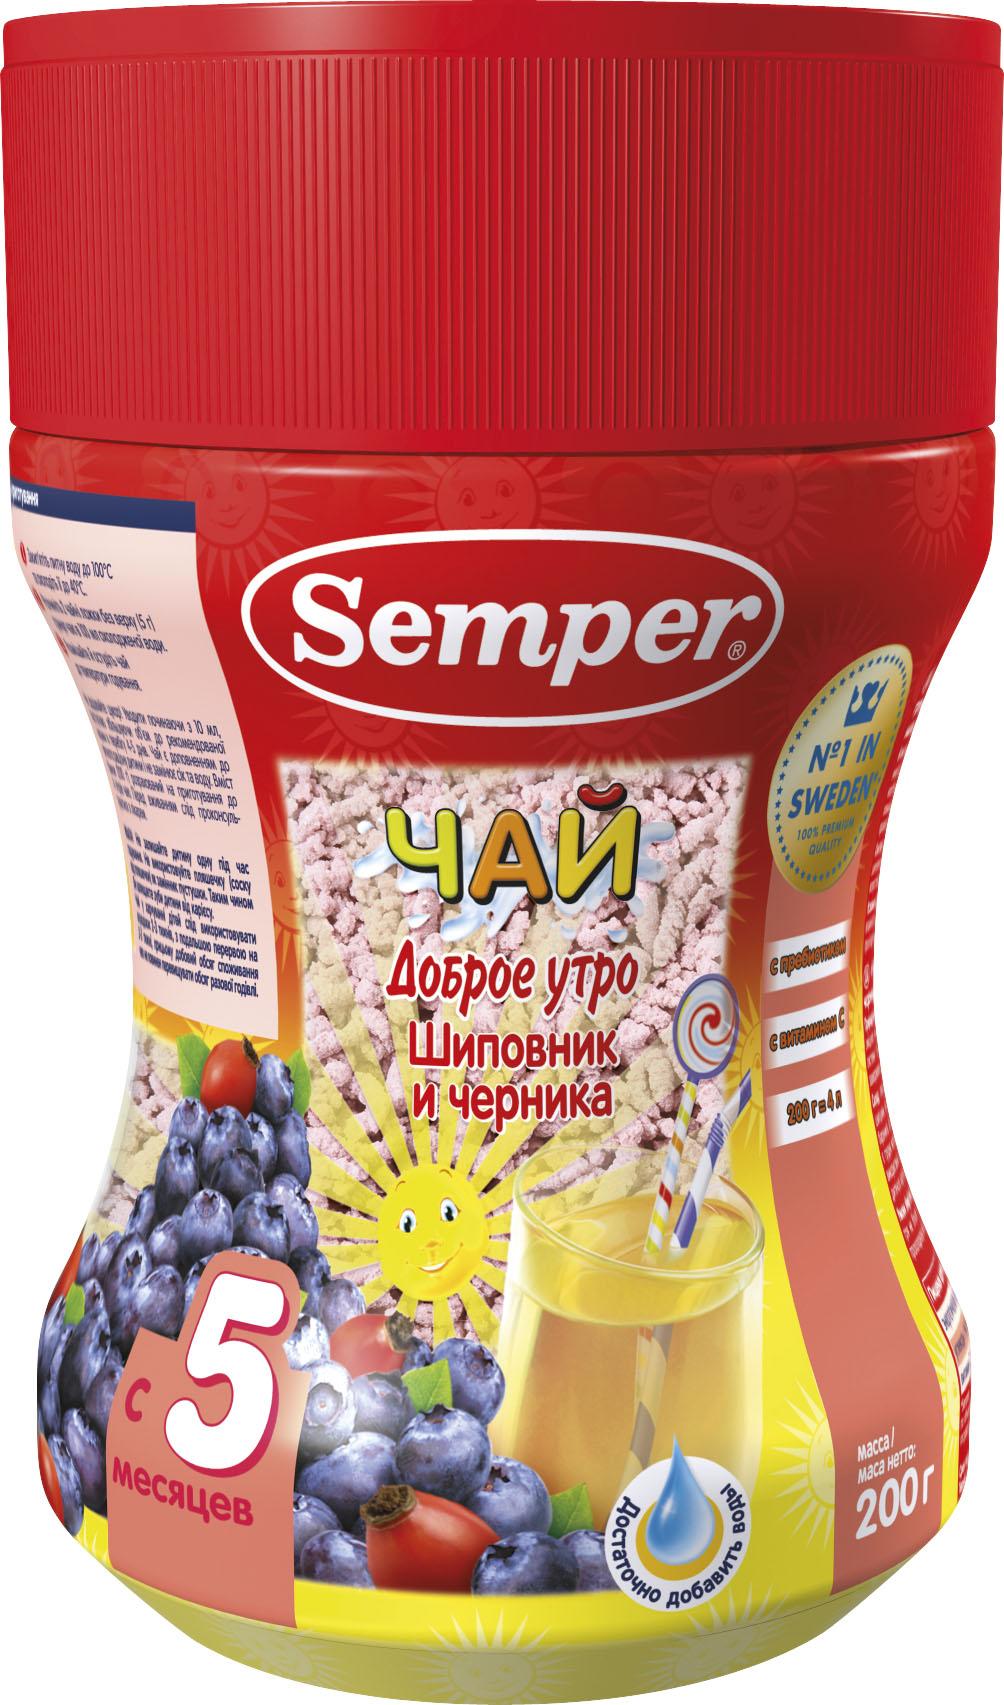 Детский чай Semper Чай Semper «Доброе утро» Шиповник и черника с 5 мес. 200 г чай semper детский чай яблоко с 4 мес 200 г